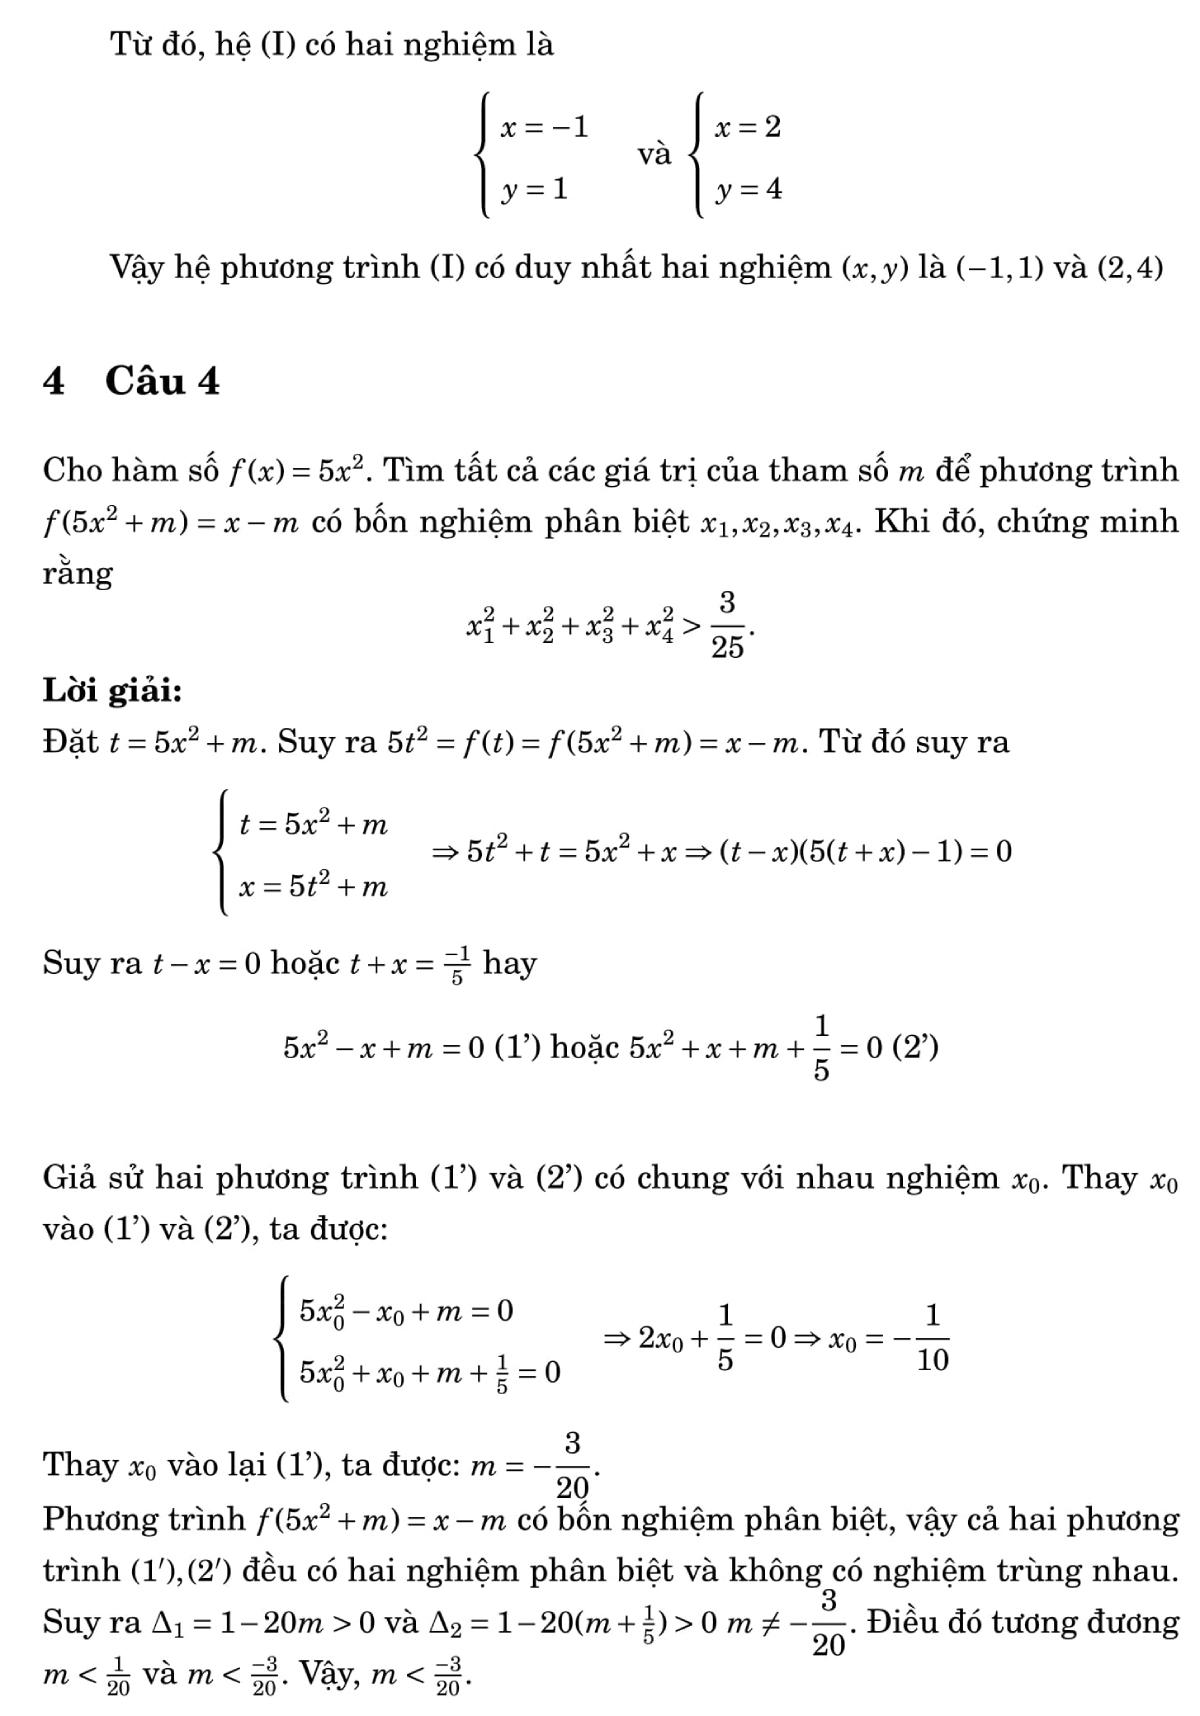 Giải đề Toán chuyên vào lớp 10 ở Đà Nẵng - 5